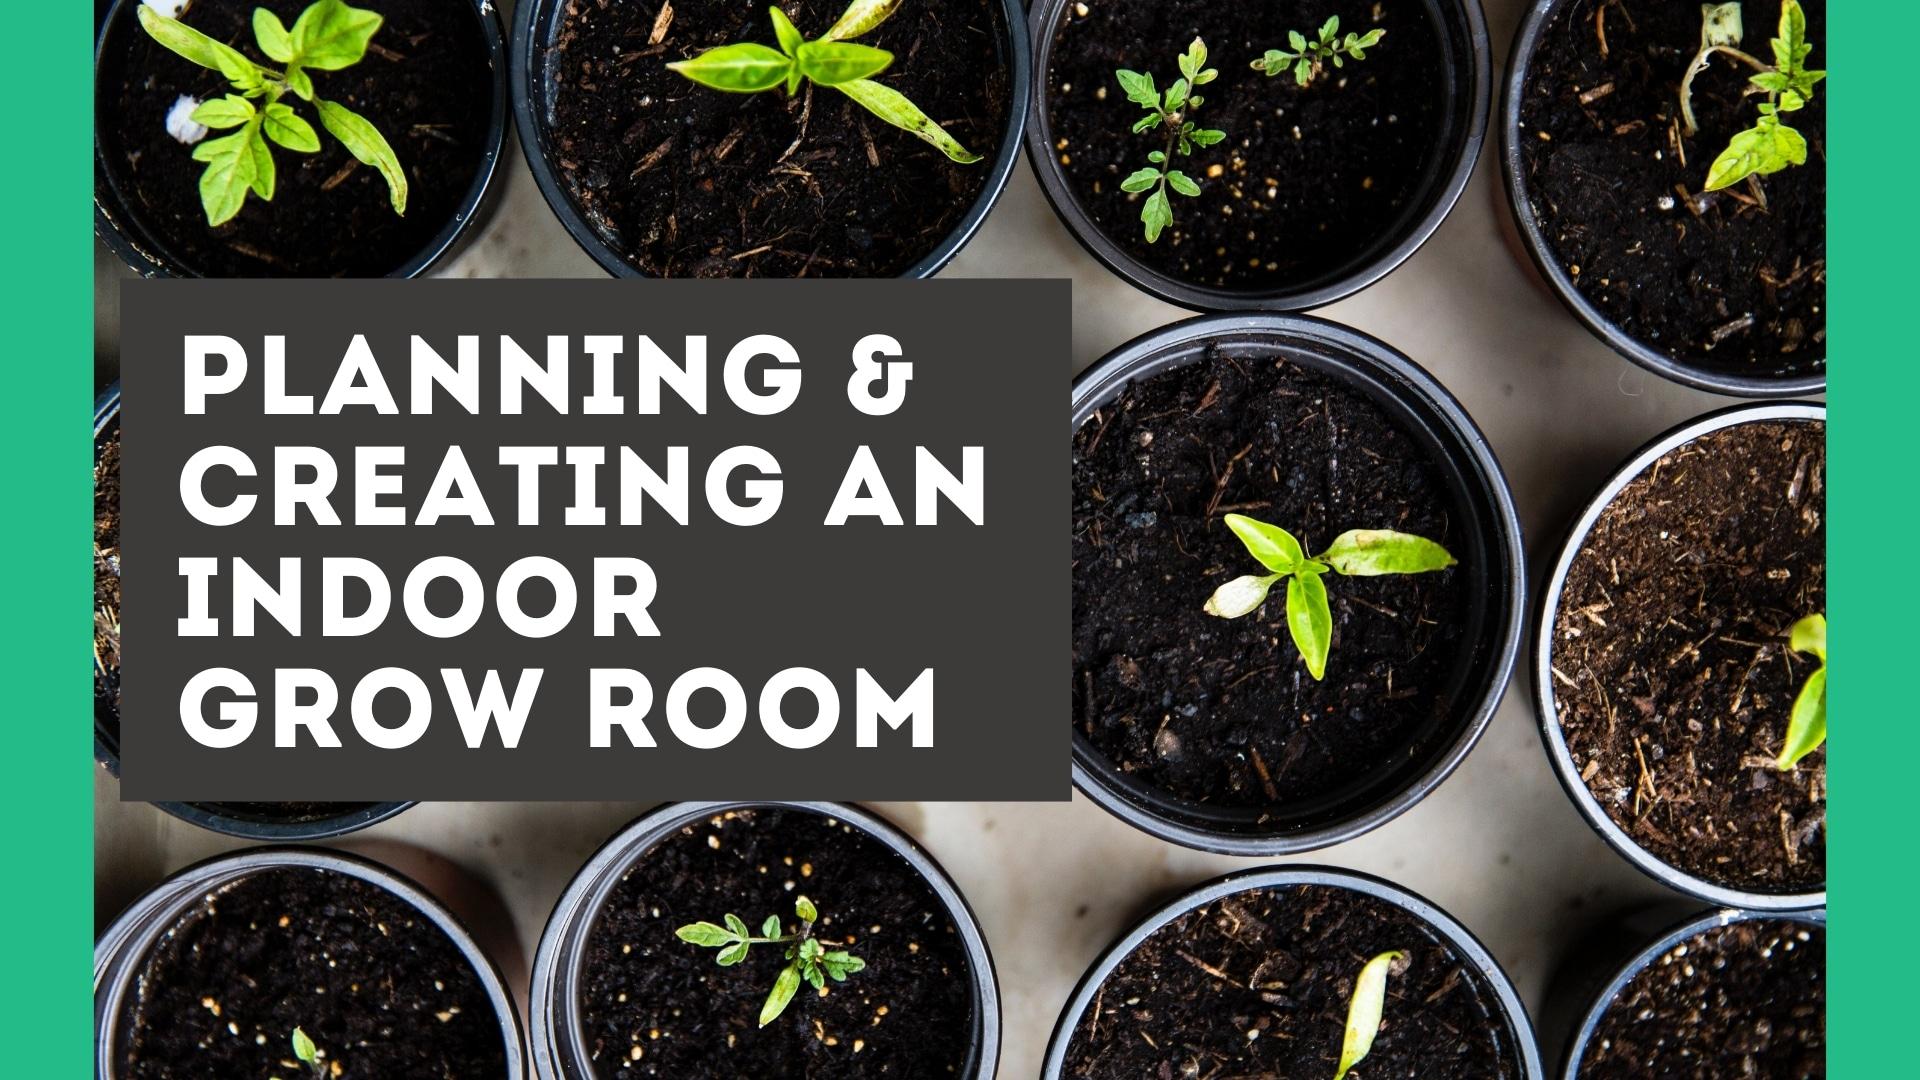 How to Build an Indoor Grow Room in the Garage